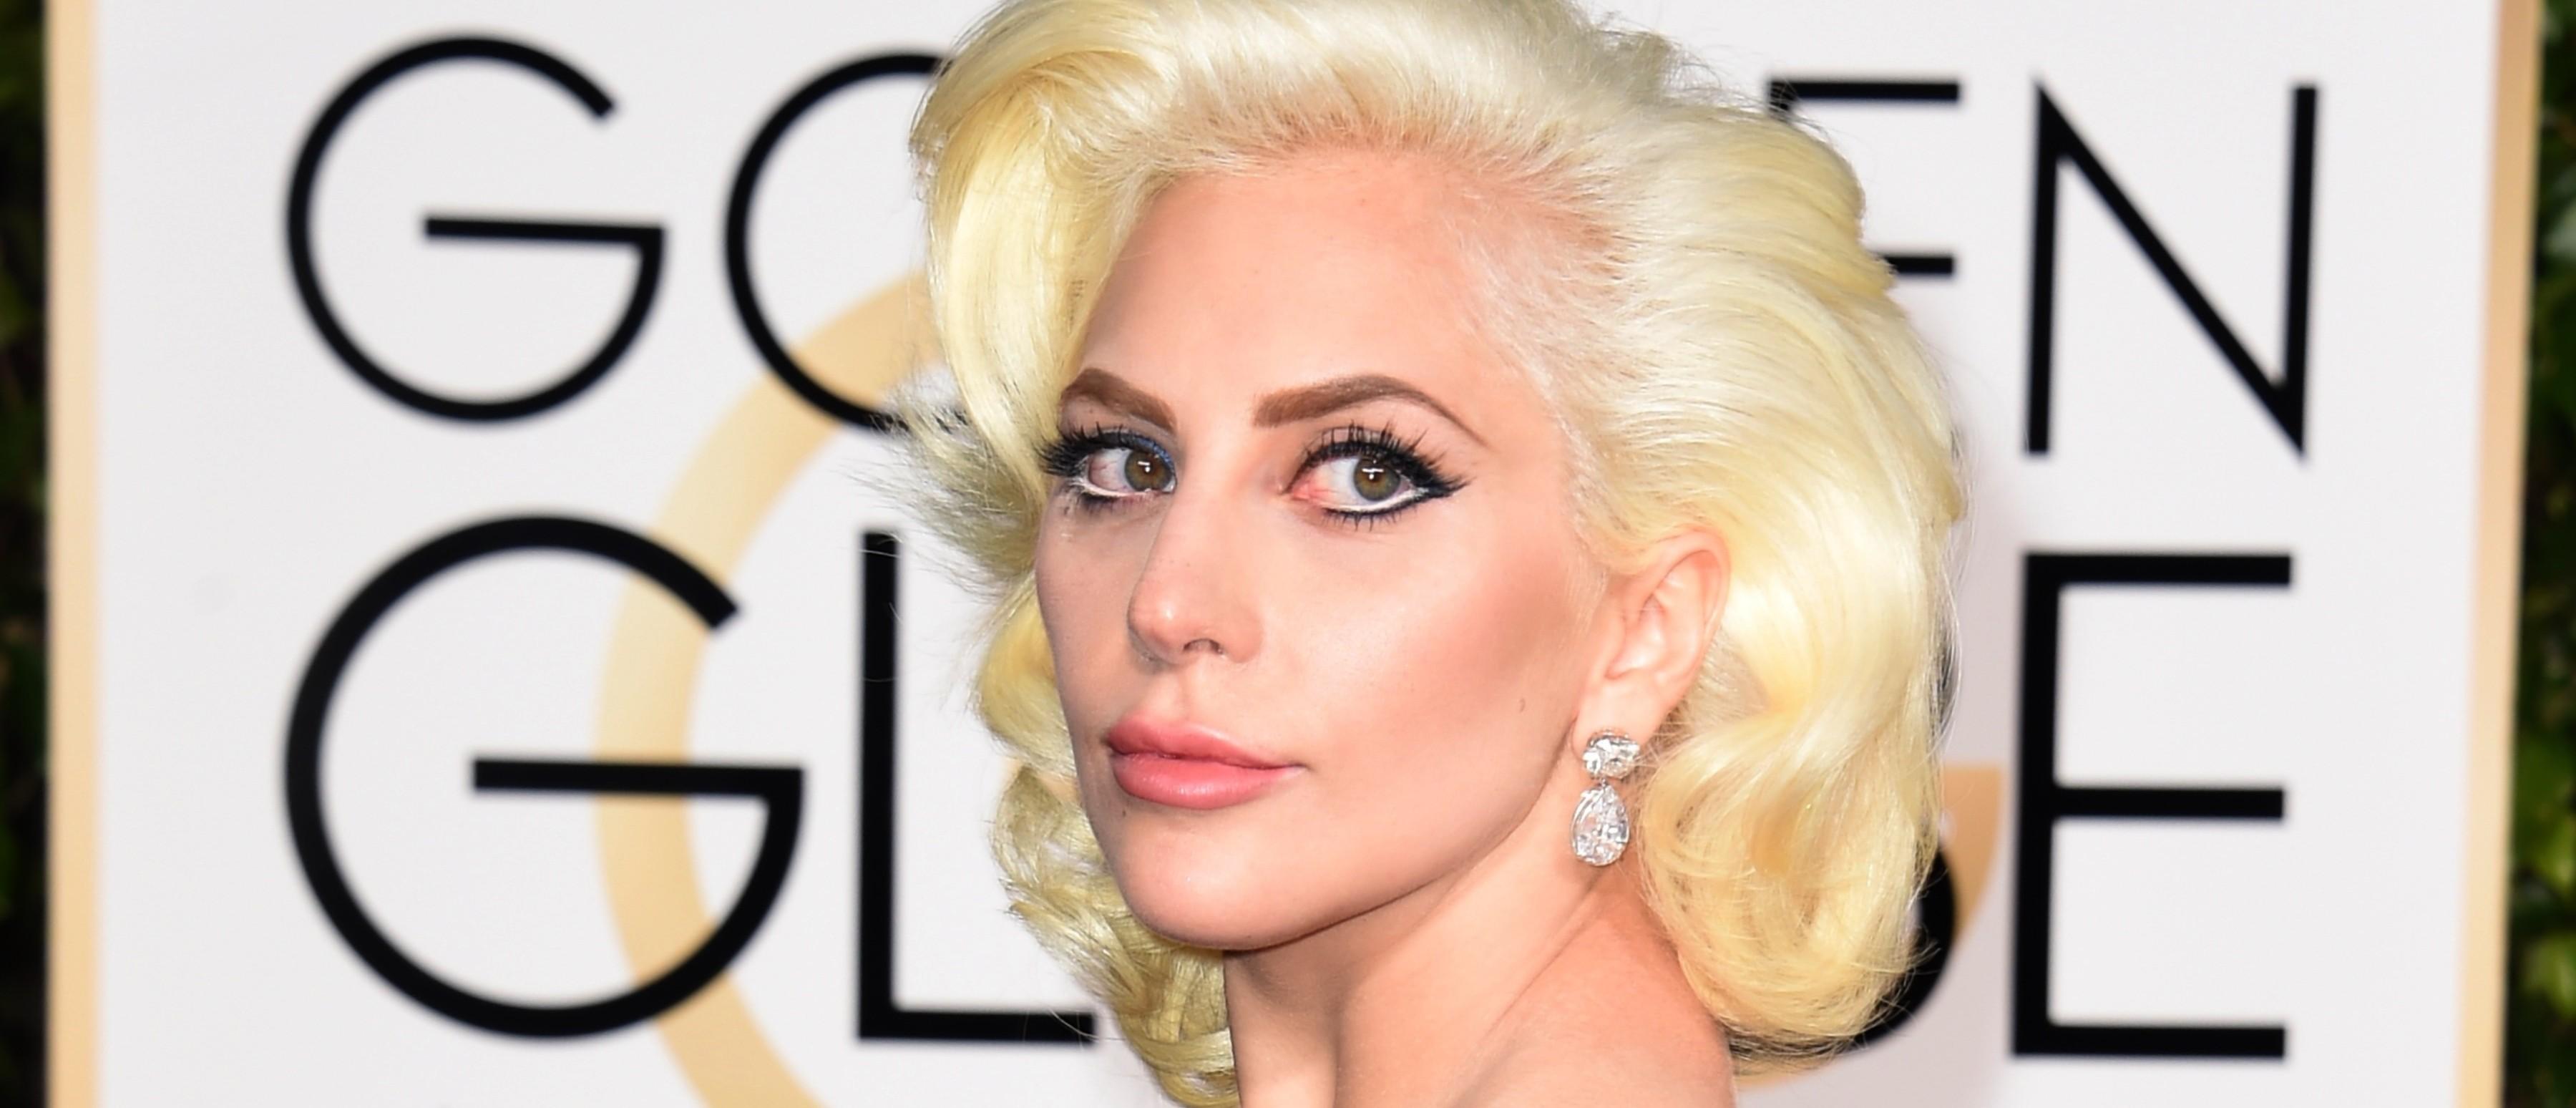 Lady Gaga to sing national anthem